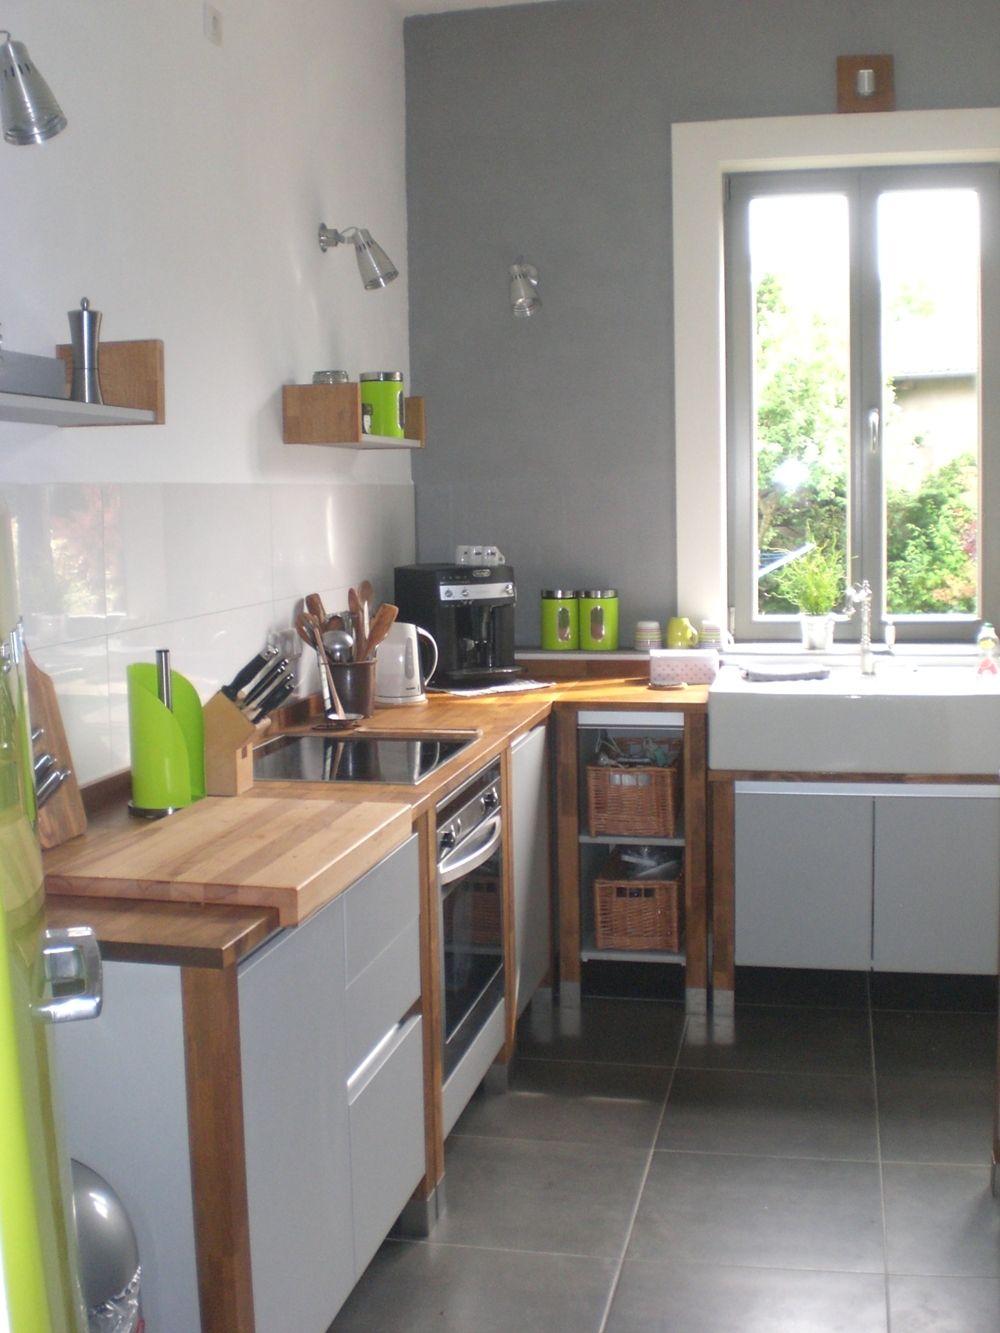 Full Size of Modul Küche Referenzen Modulkchen Bloc Modulkche Online Kaufen In 2020 Schneidemaschine Holzbrett Landküche Modulküche Holz Sprüche Für Die Küche Modul Küche